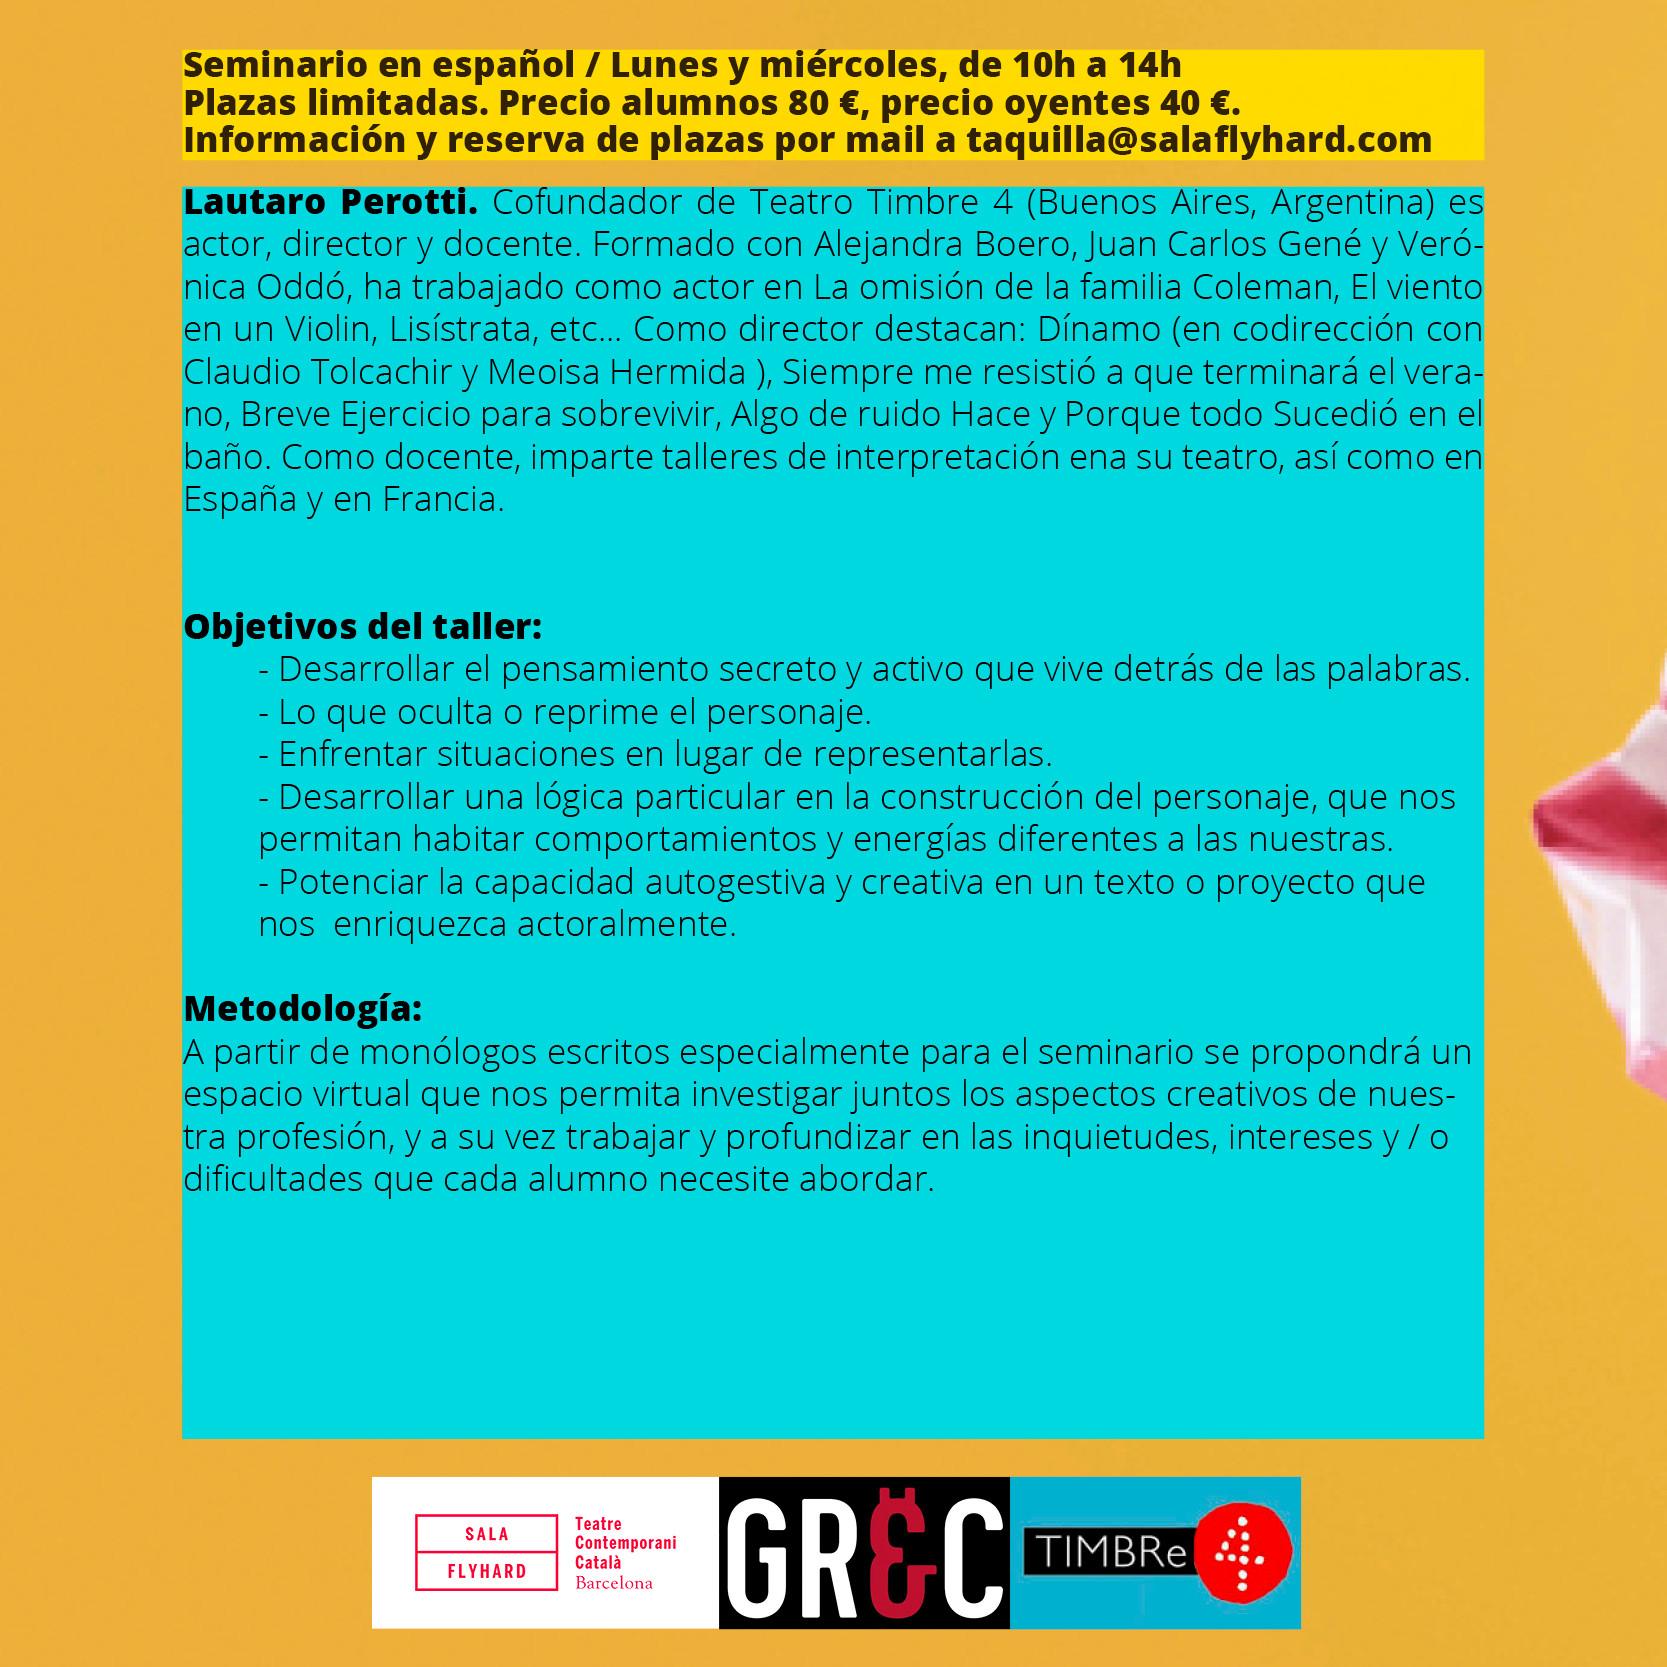 Lautaro flyers-individuals-20-06-167.jpg